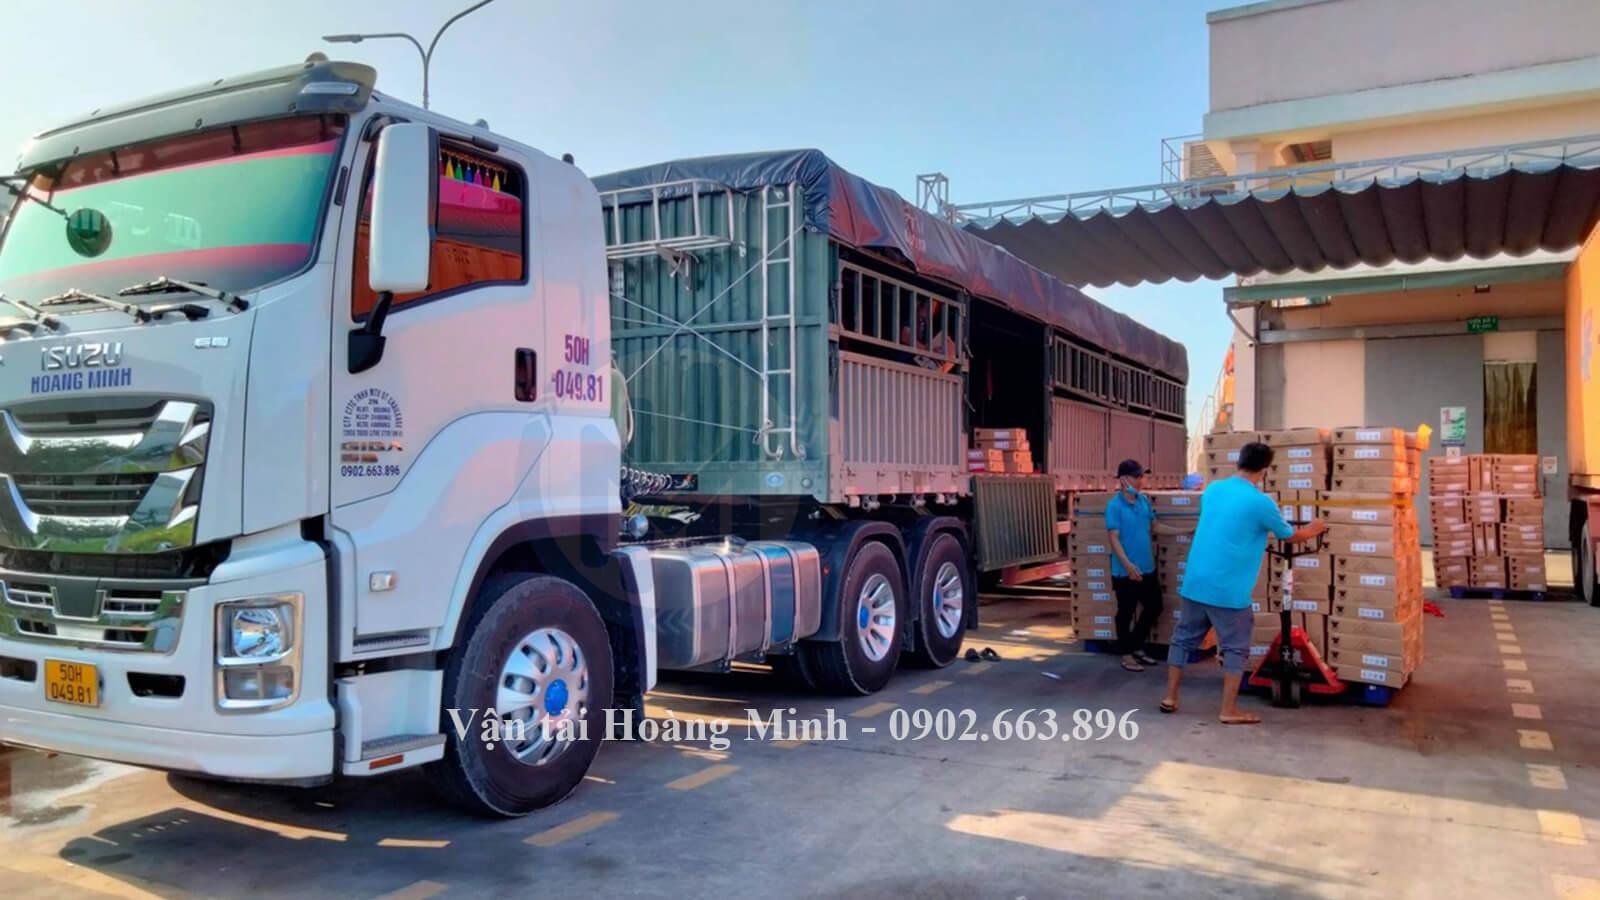 công ty vận chuyển hàng hoá bắc nam